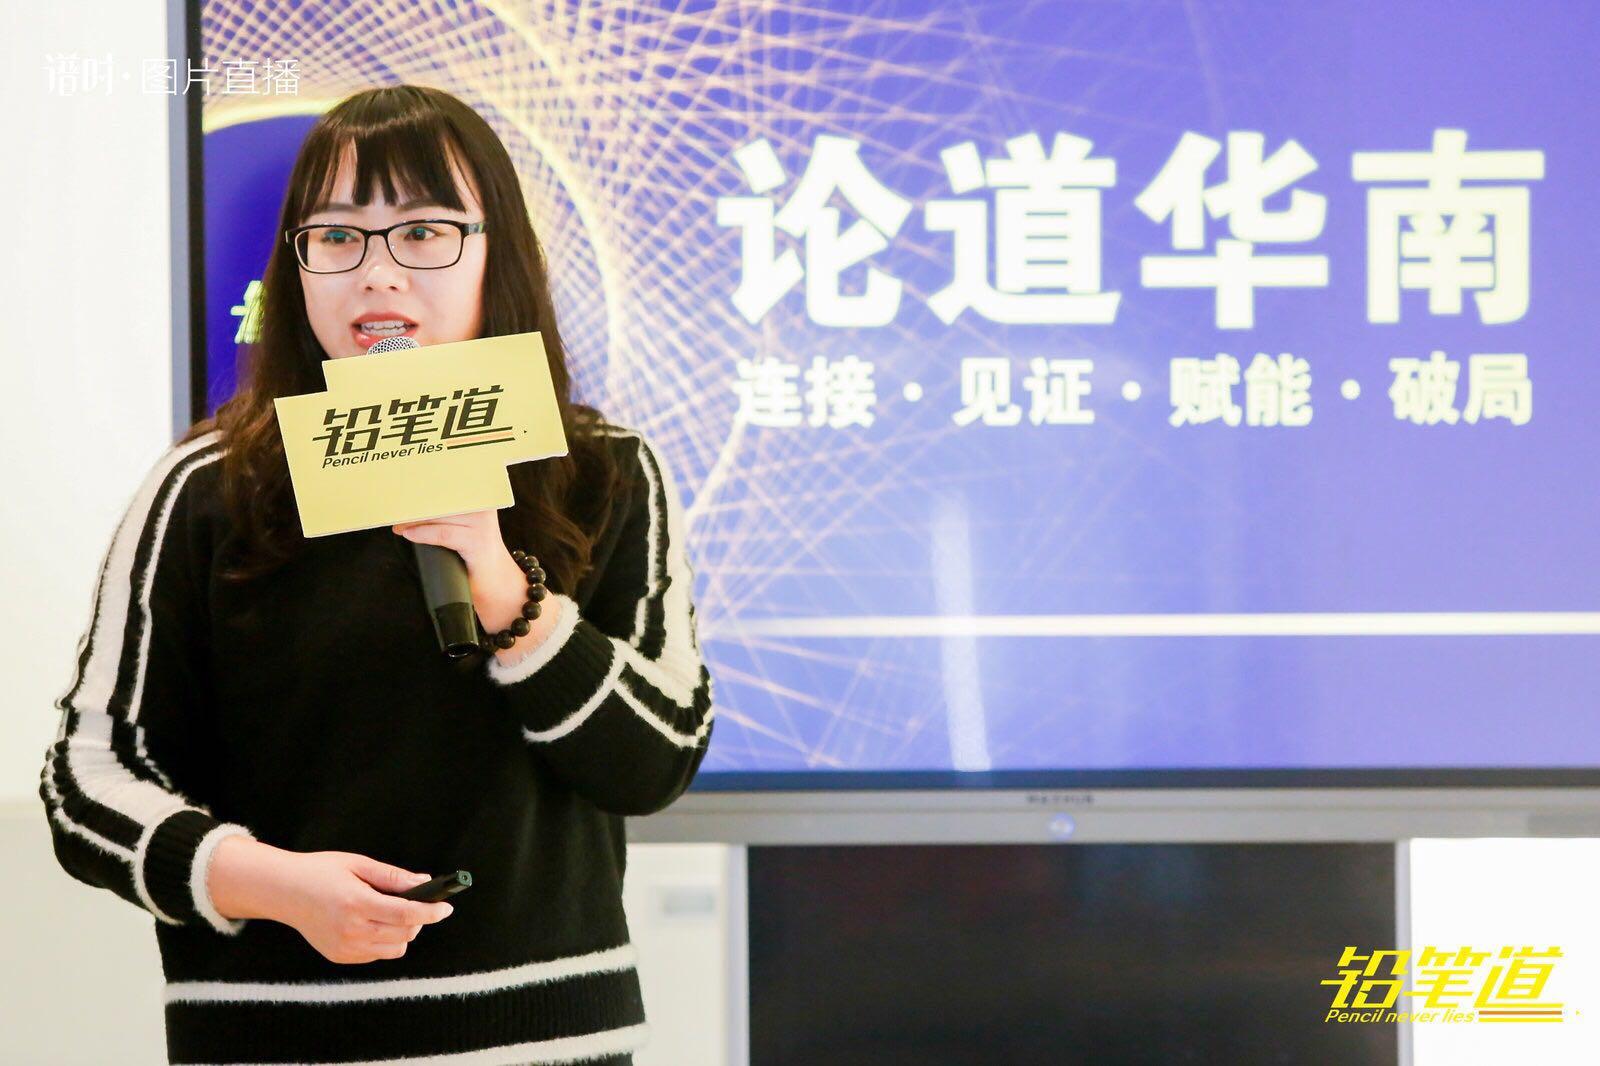 广东文投主管合伙人刘一桦